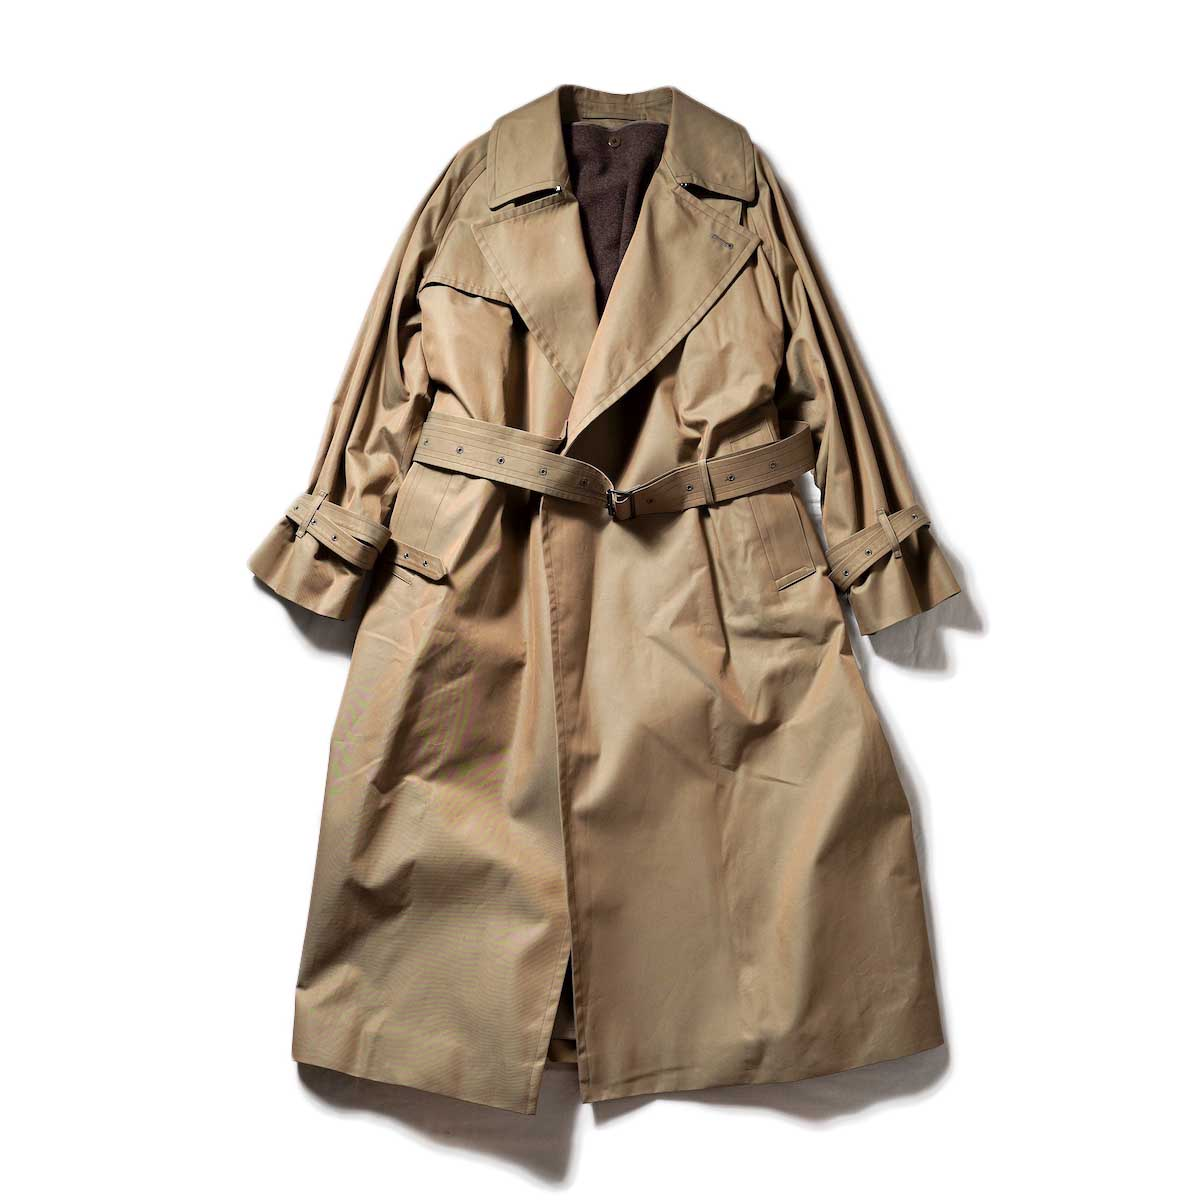 blurhms / Gabardine Double Belt Trench Coat (Khaki Beige)